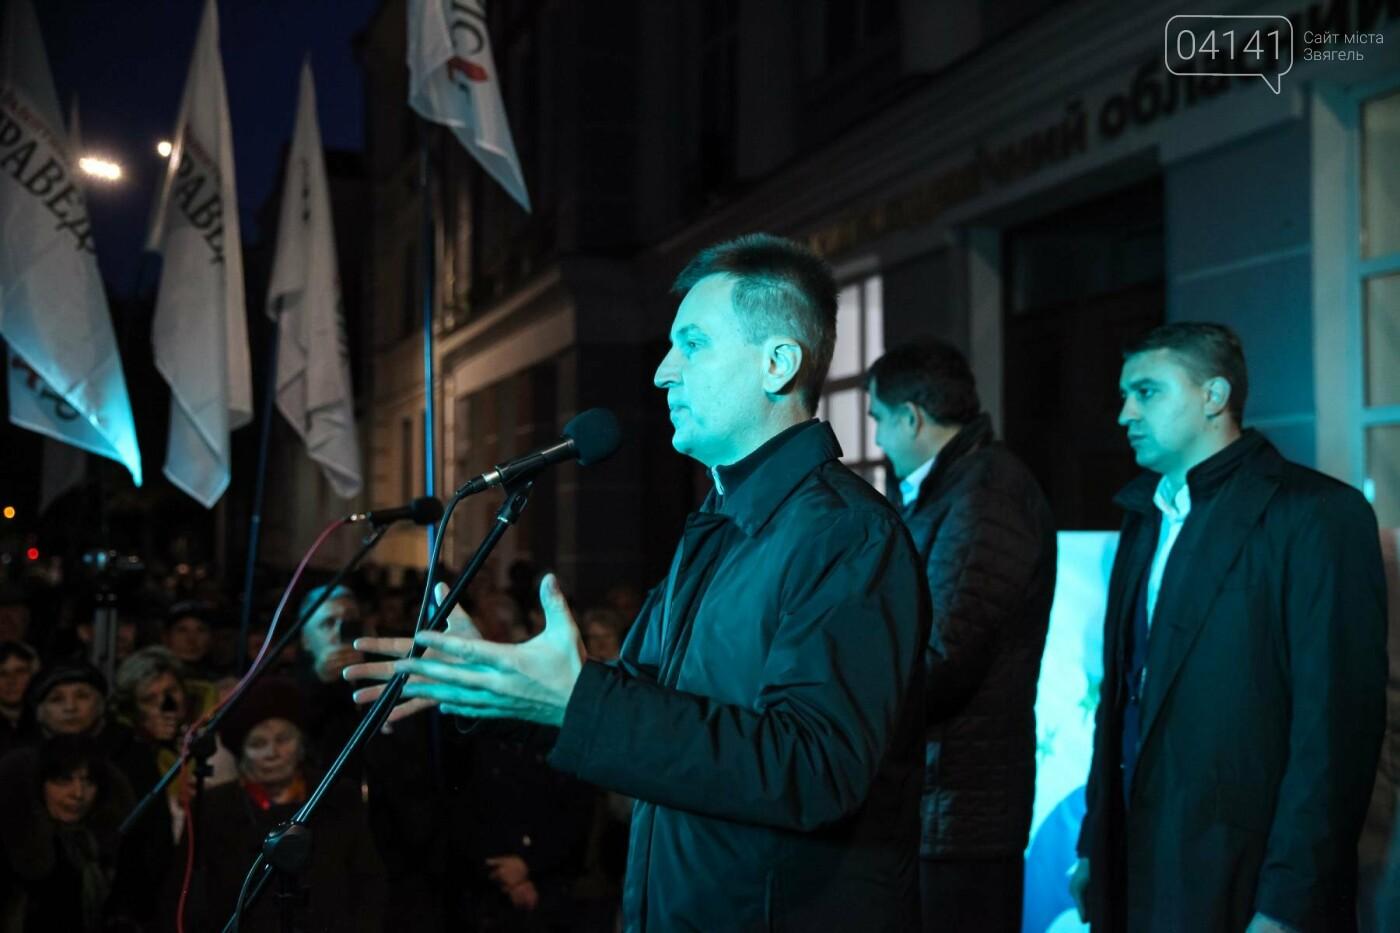 «Ми кажемо цій владі, що так не має бути і розповідаємо як бути повинно », - Наливайченко під час зустрічі в Житомирі, фото-2